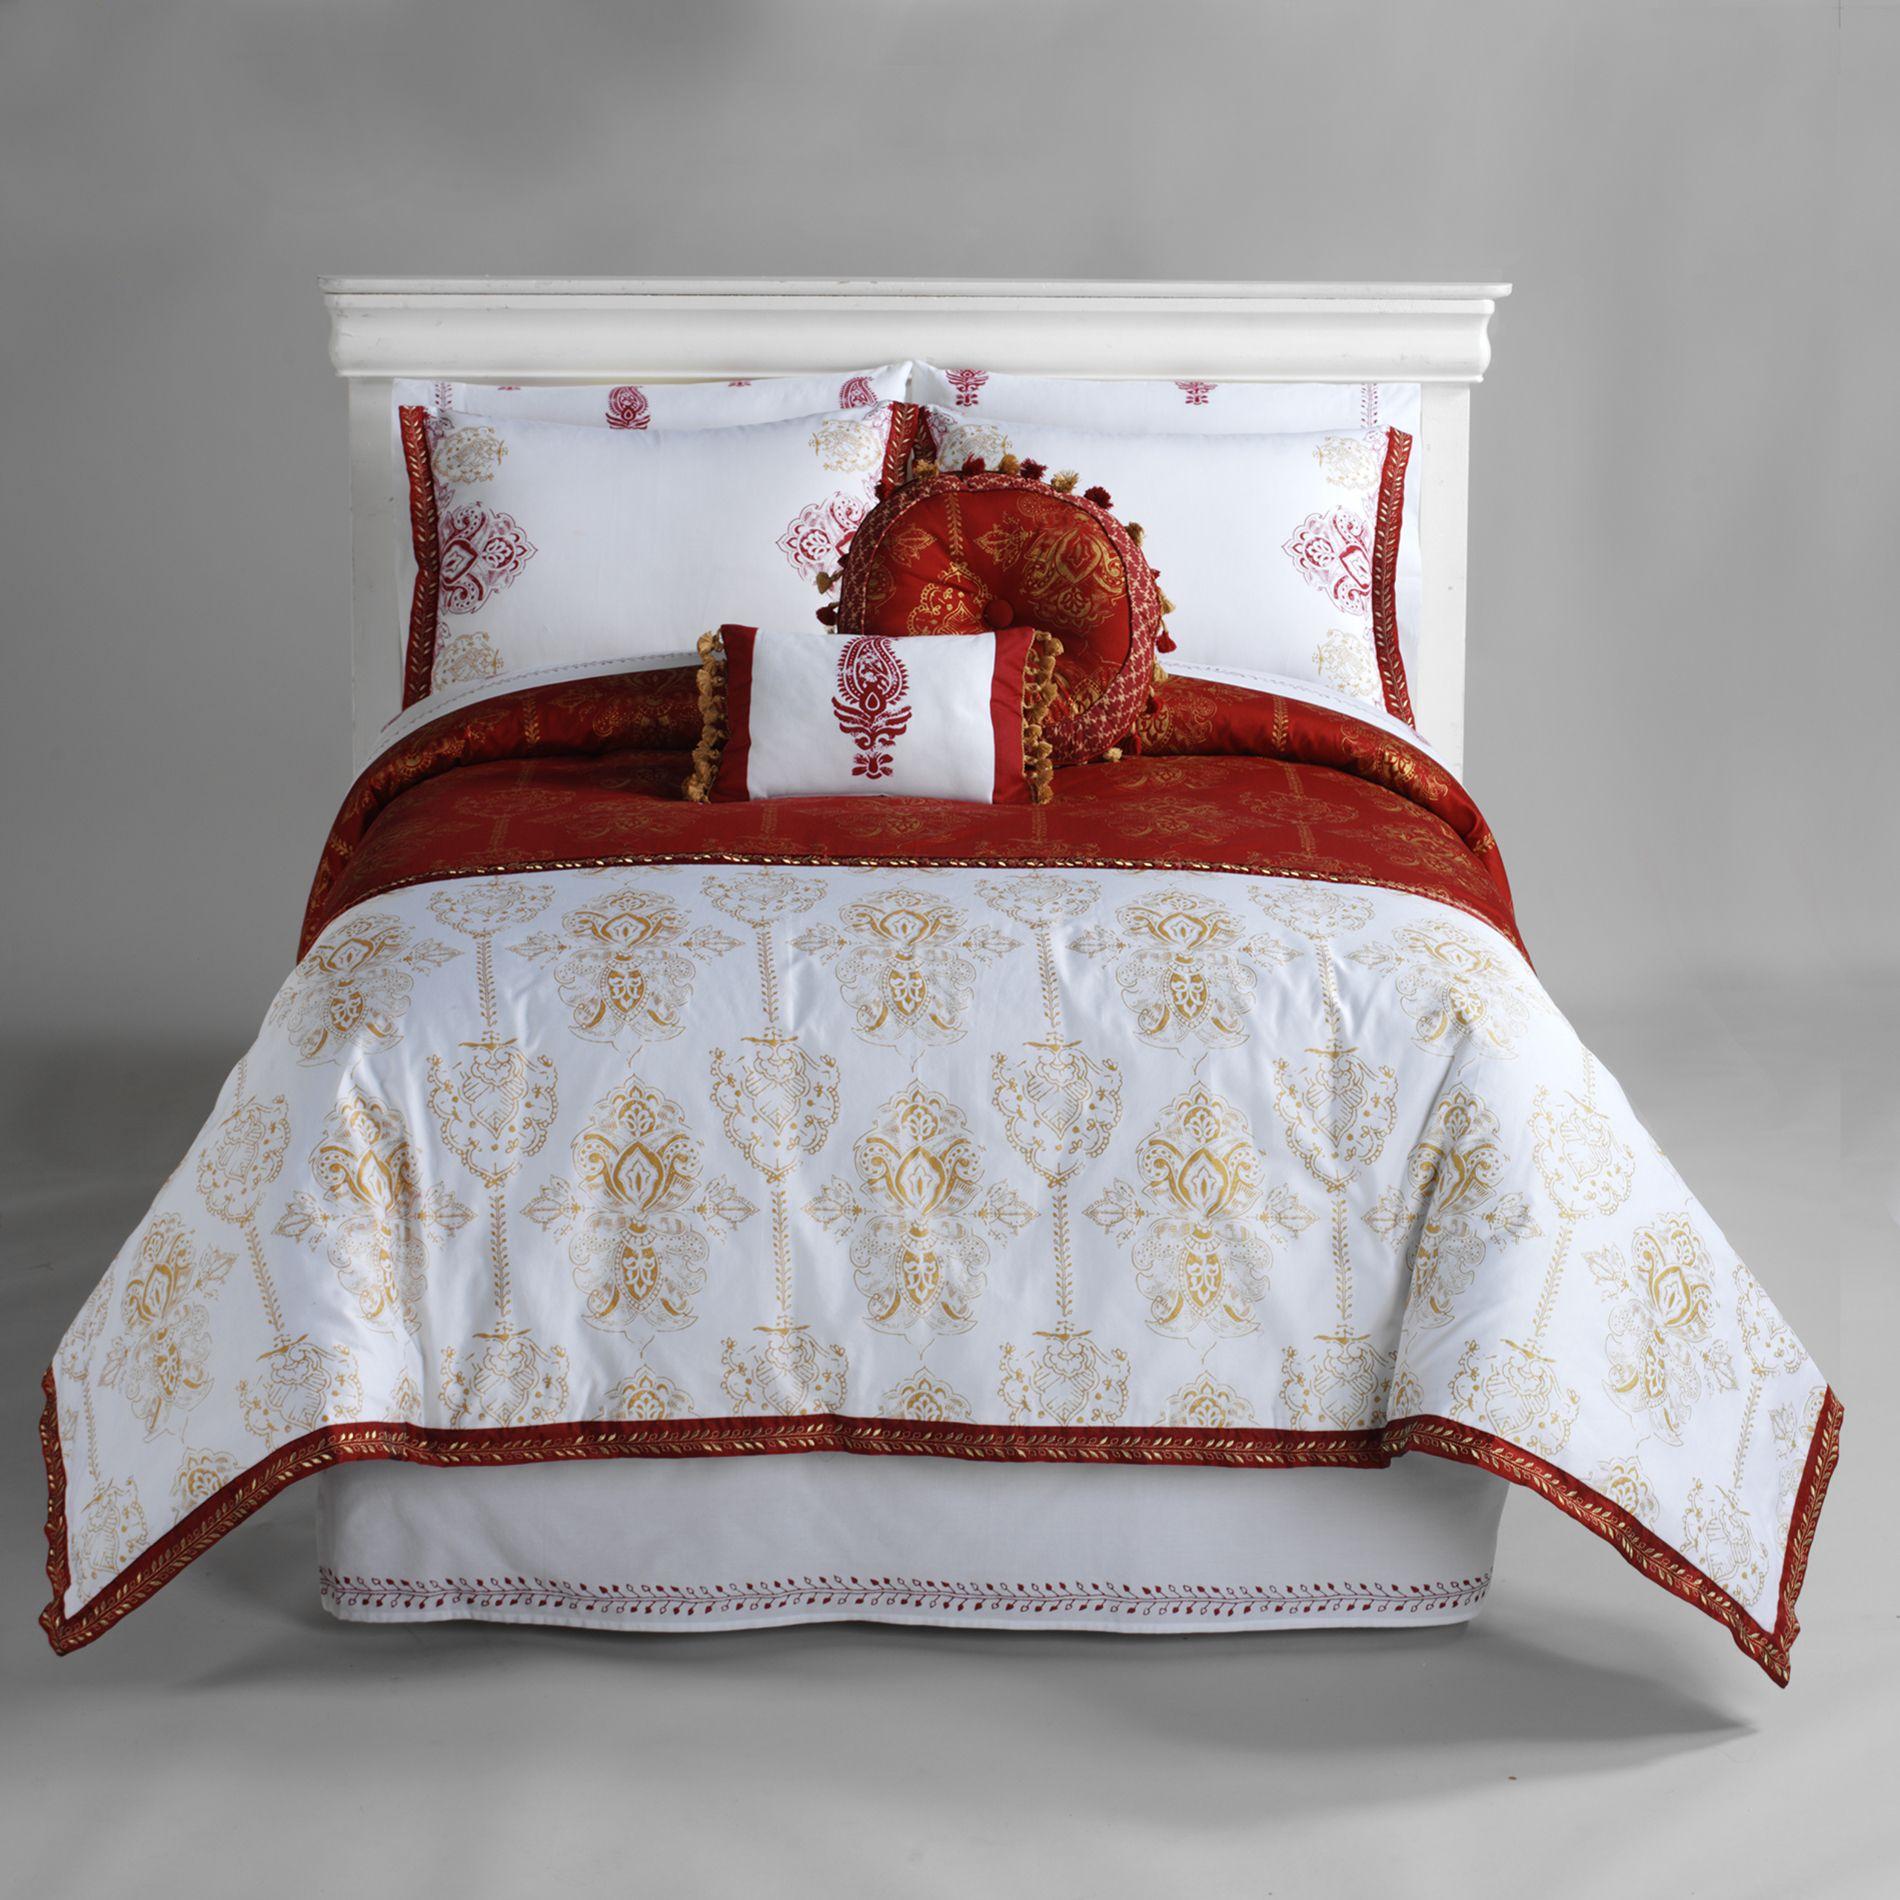 Jaclyn Smith Red Zanzibar Comforter Set